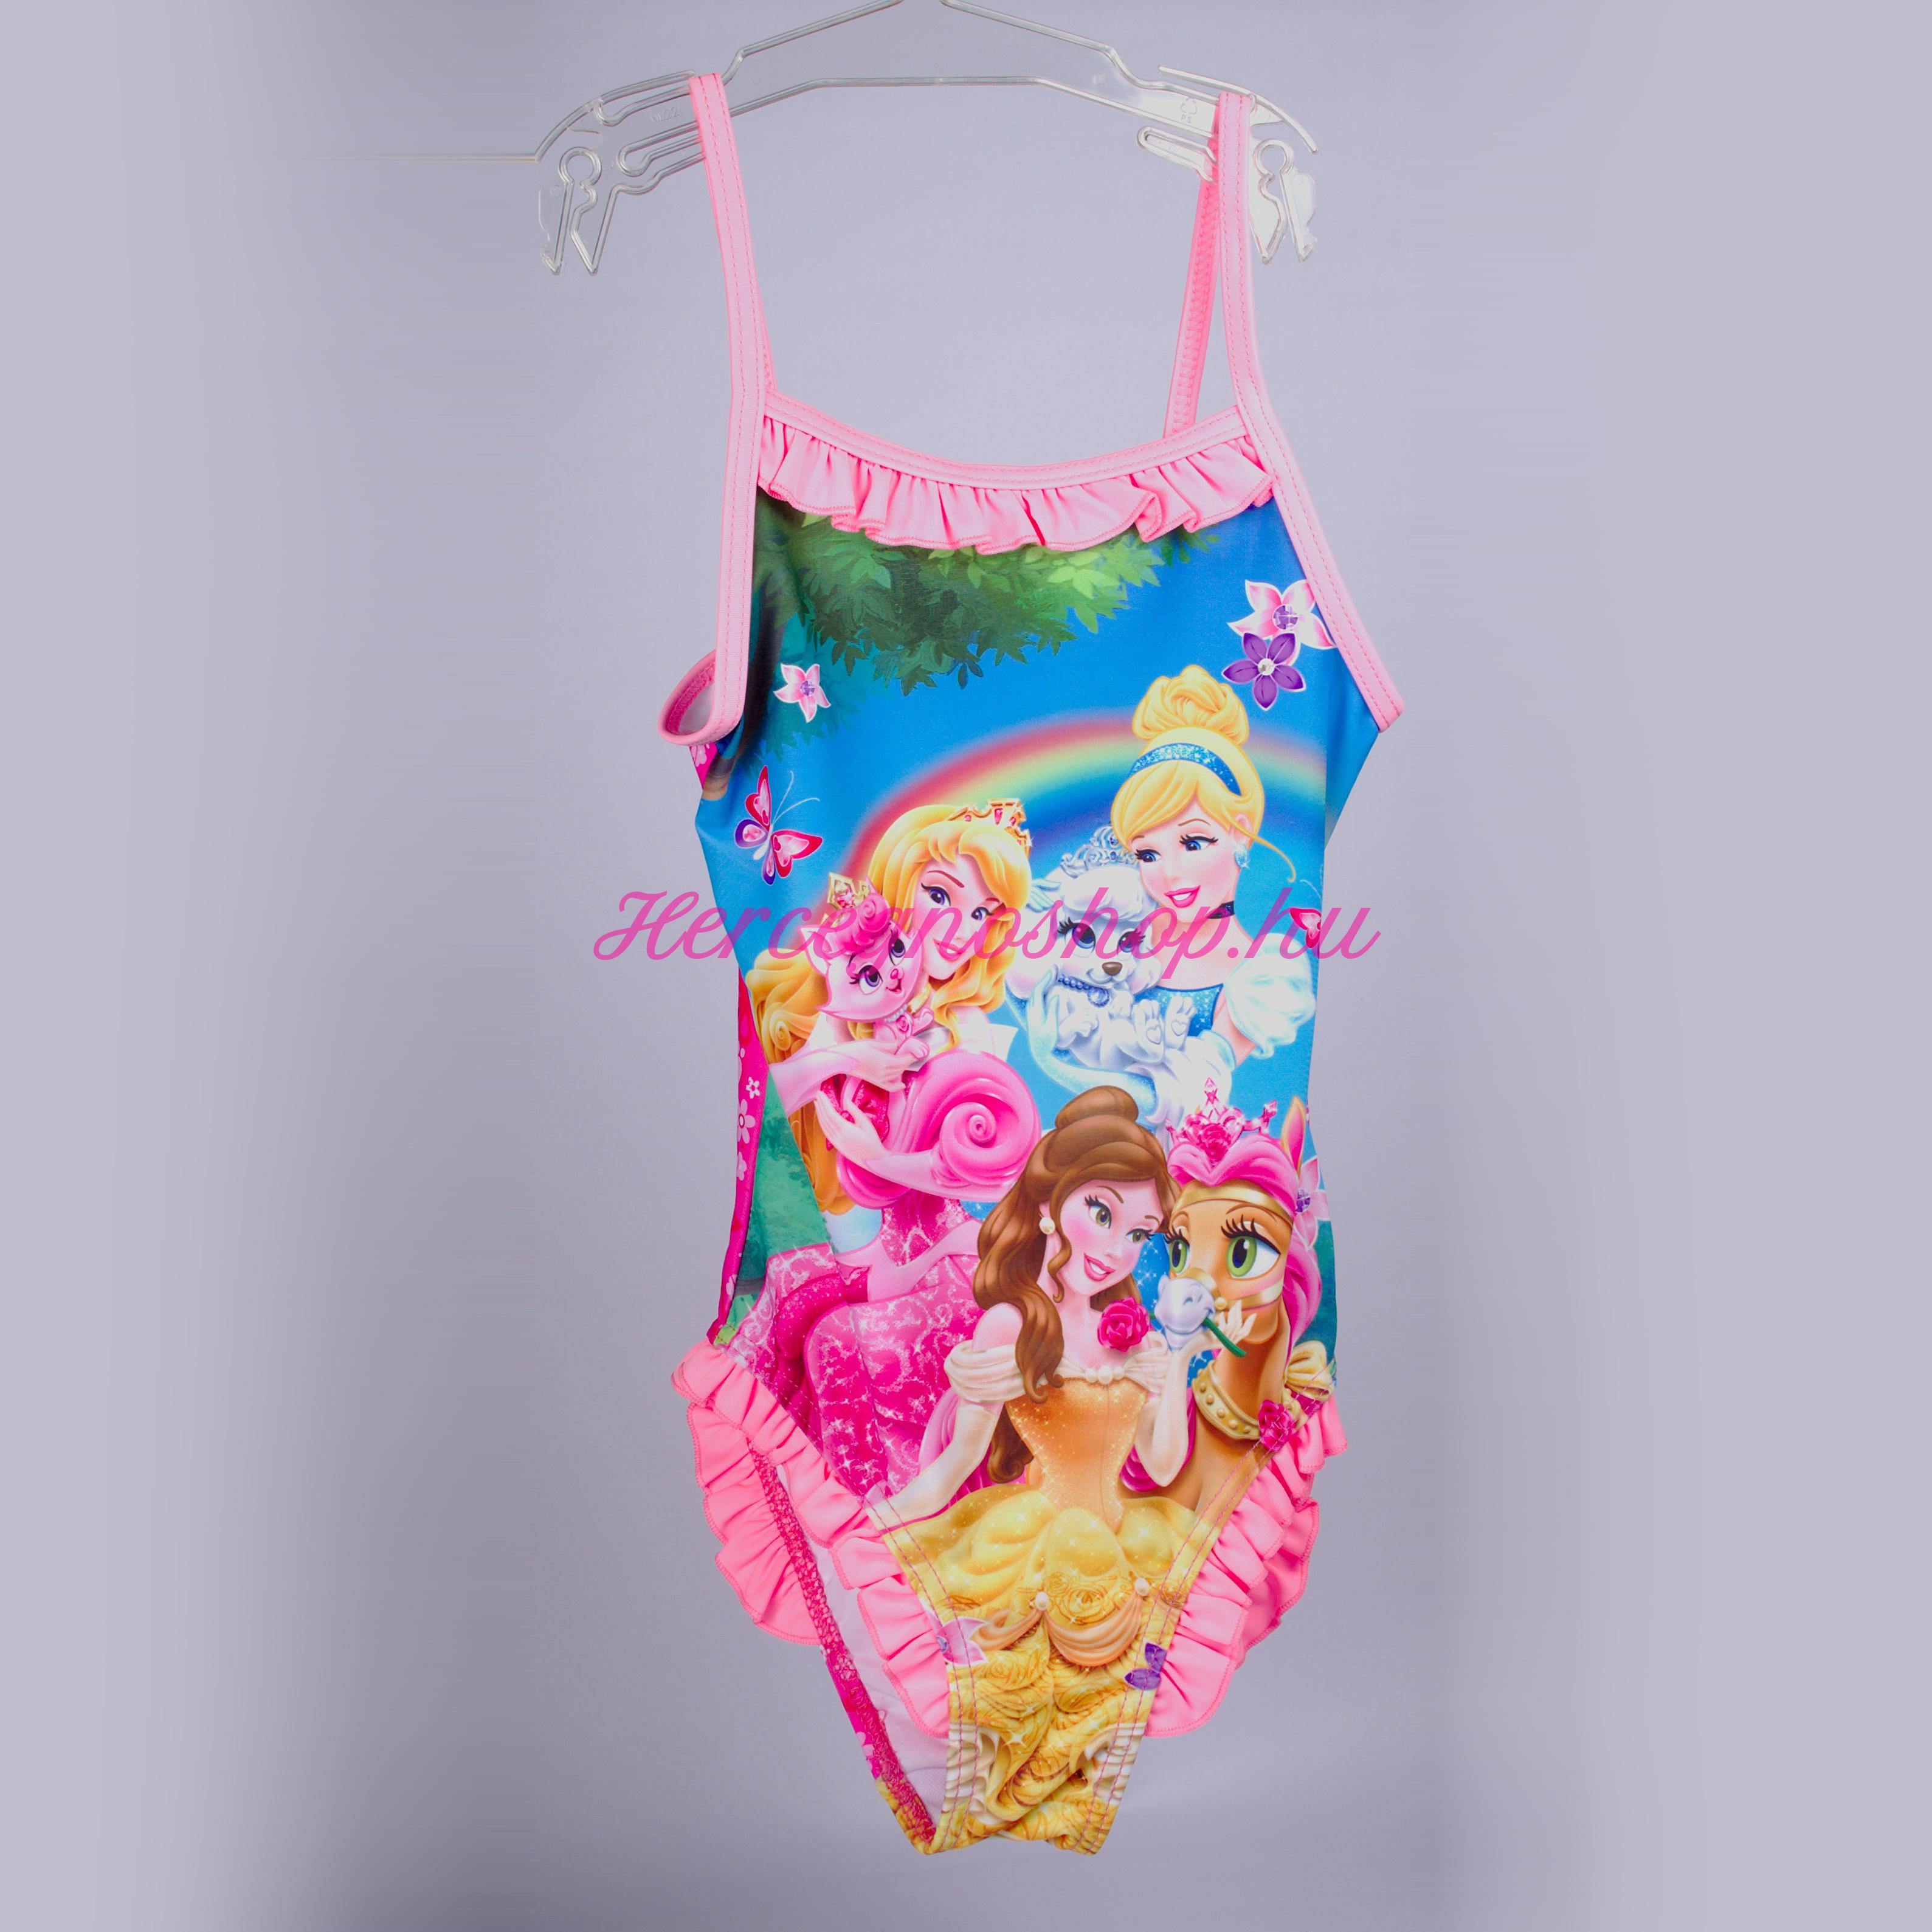 Disney hercegnők fürdőruha – világos rózsaszín (Disney Princess)